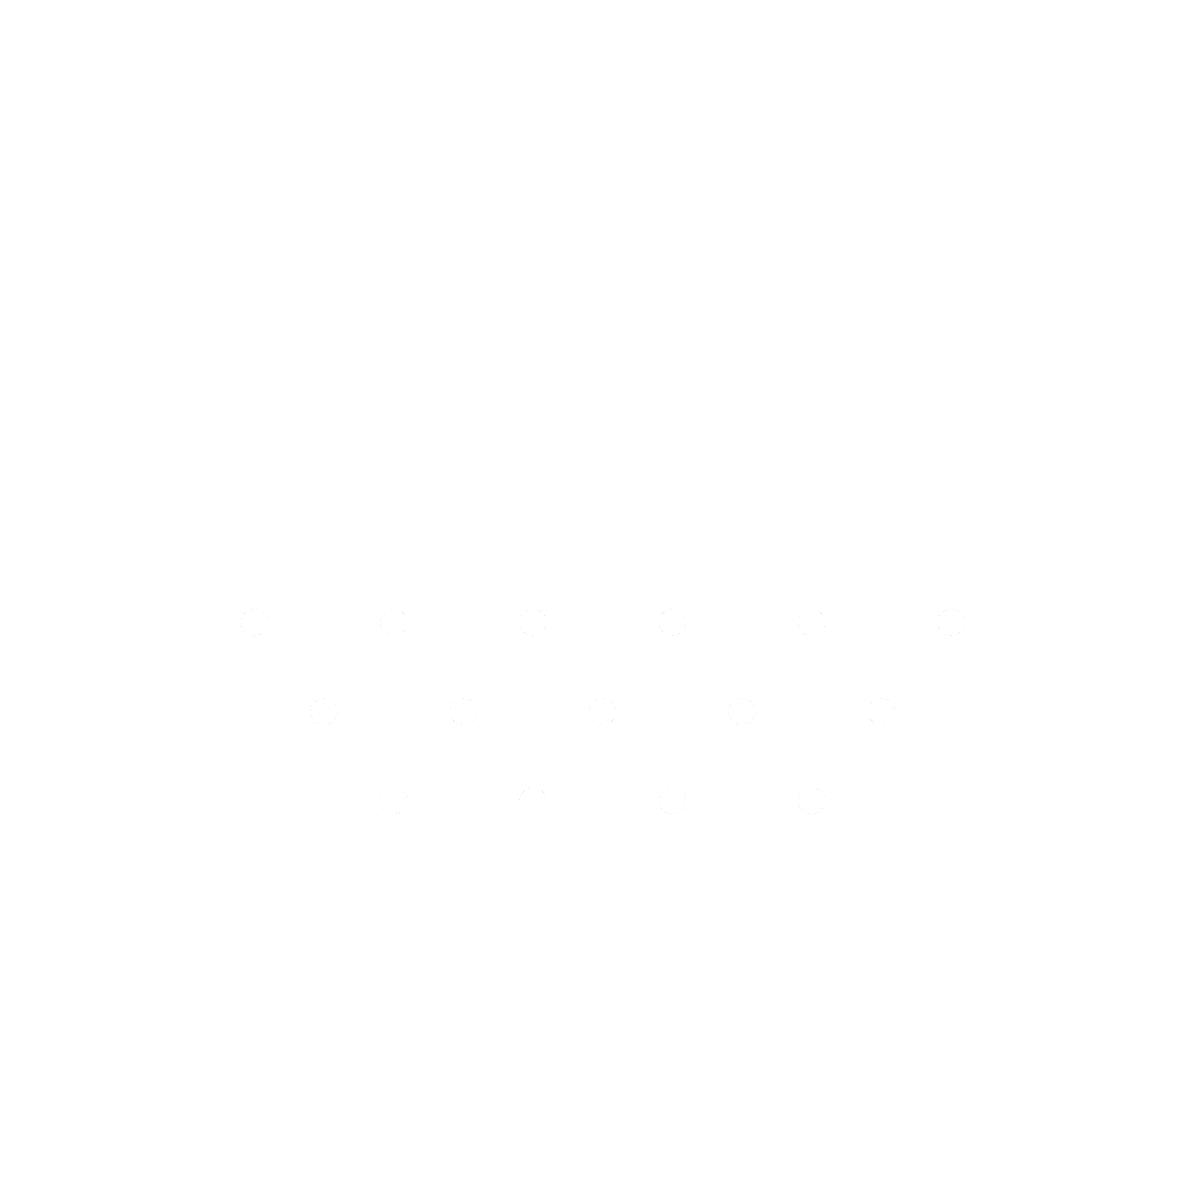 Dal set THE KITCHEN, l'icona scolapasta BIANCA, creata da Wojciech Zasina [www.be.net/wzasina] e usata su www.cucinodite.it da Giorgio Giorgetti, personal chef Varese Como Milano Lombardia